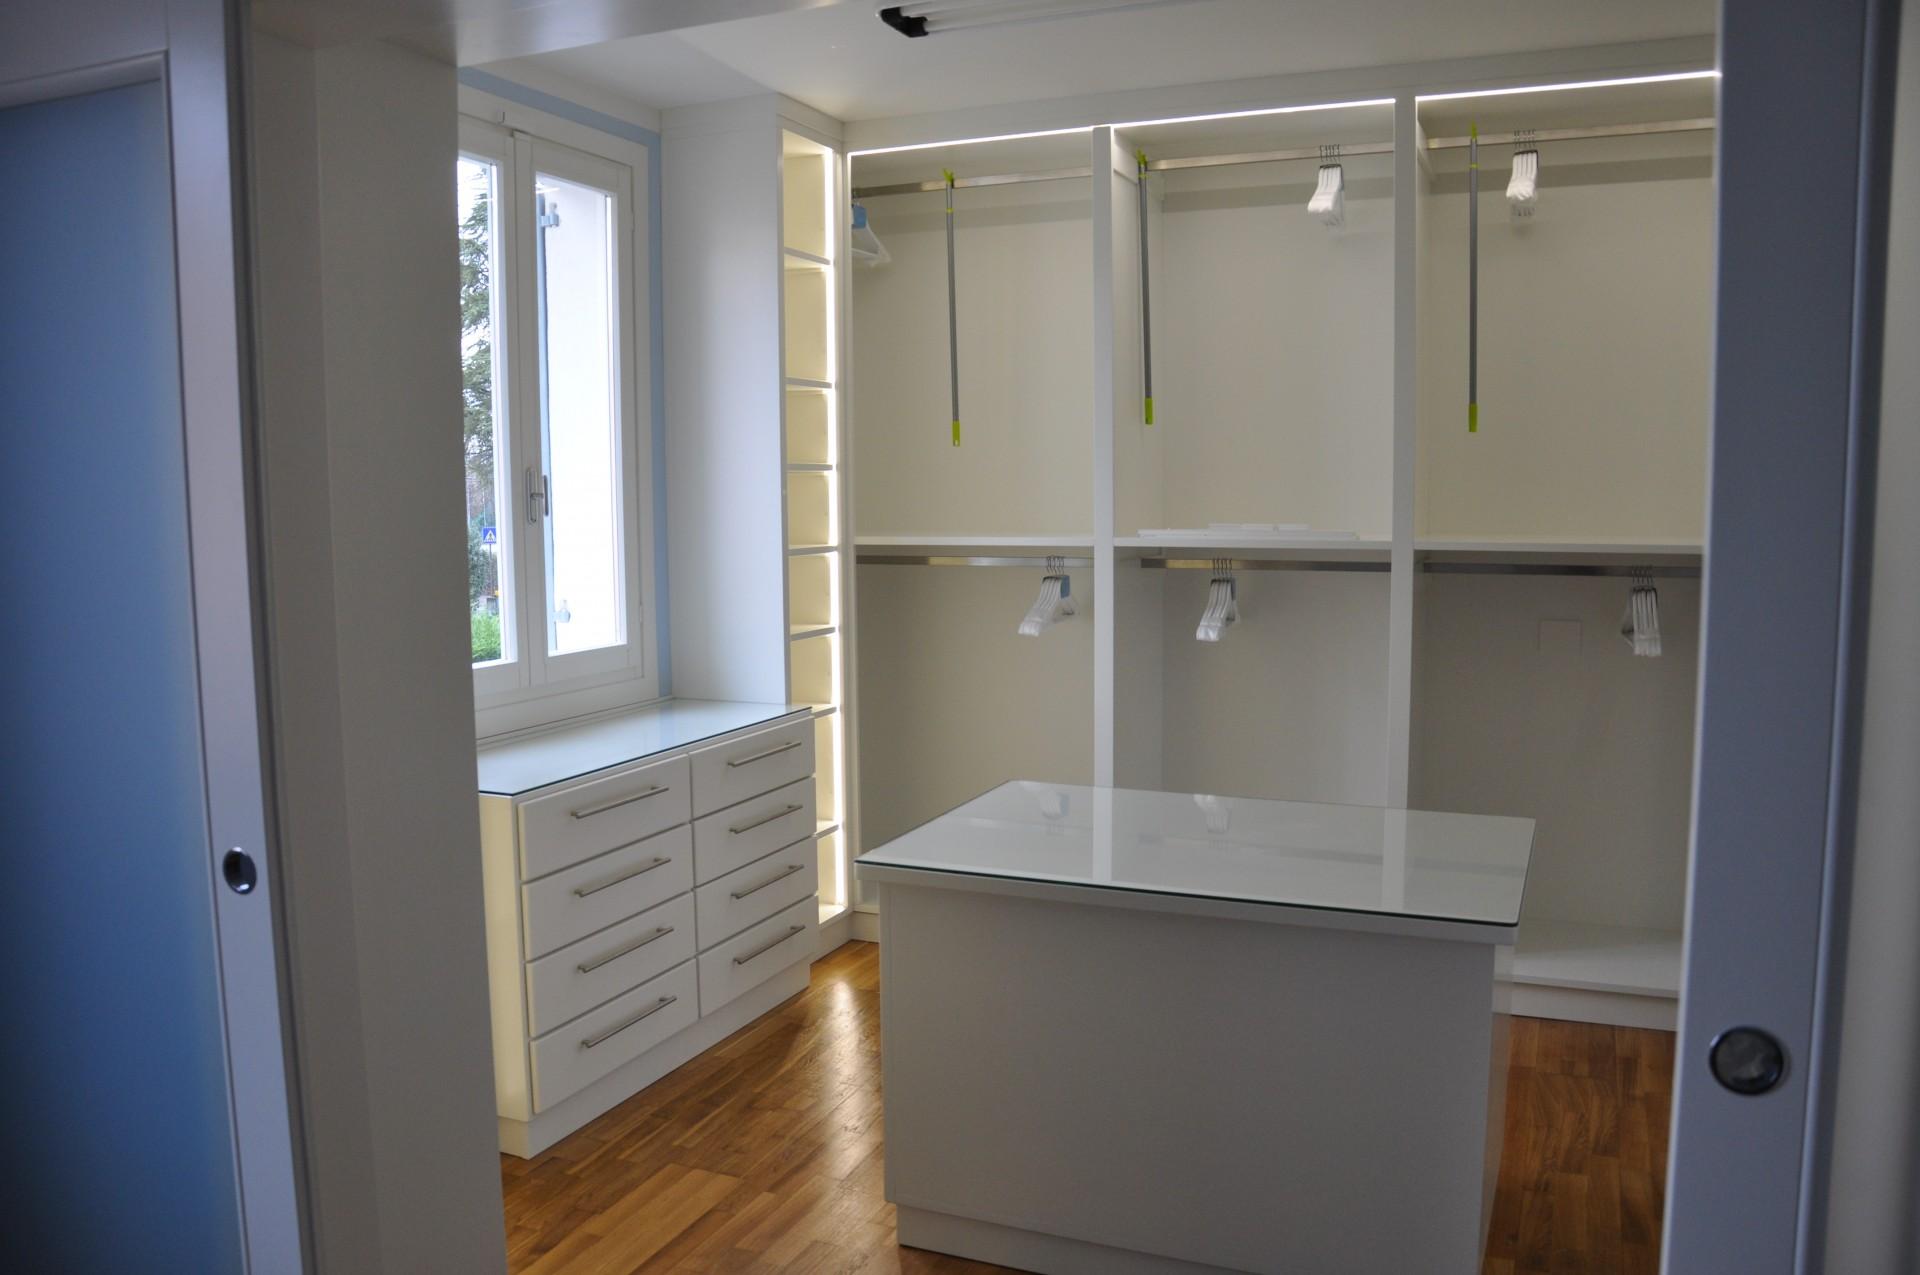 Cabina armadio in legno fadini mobili cerea verona - Mobili cabina armadio ...